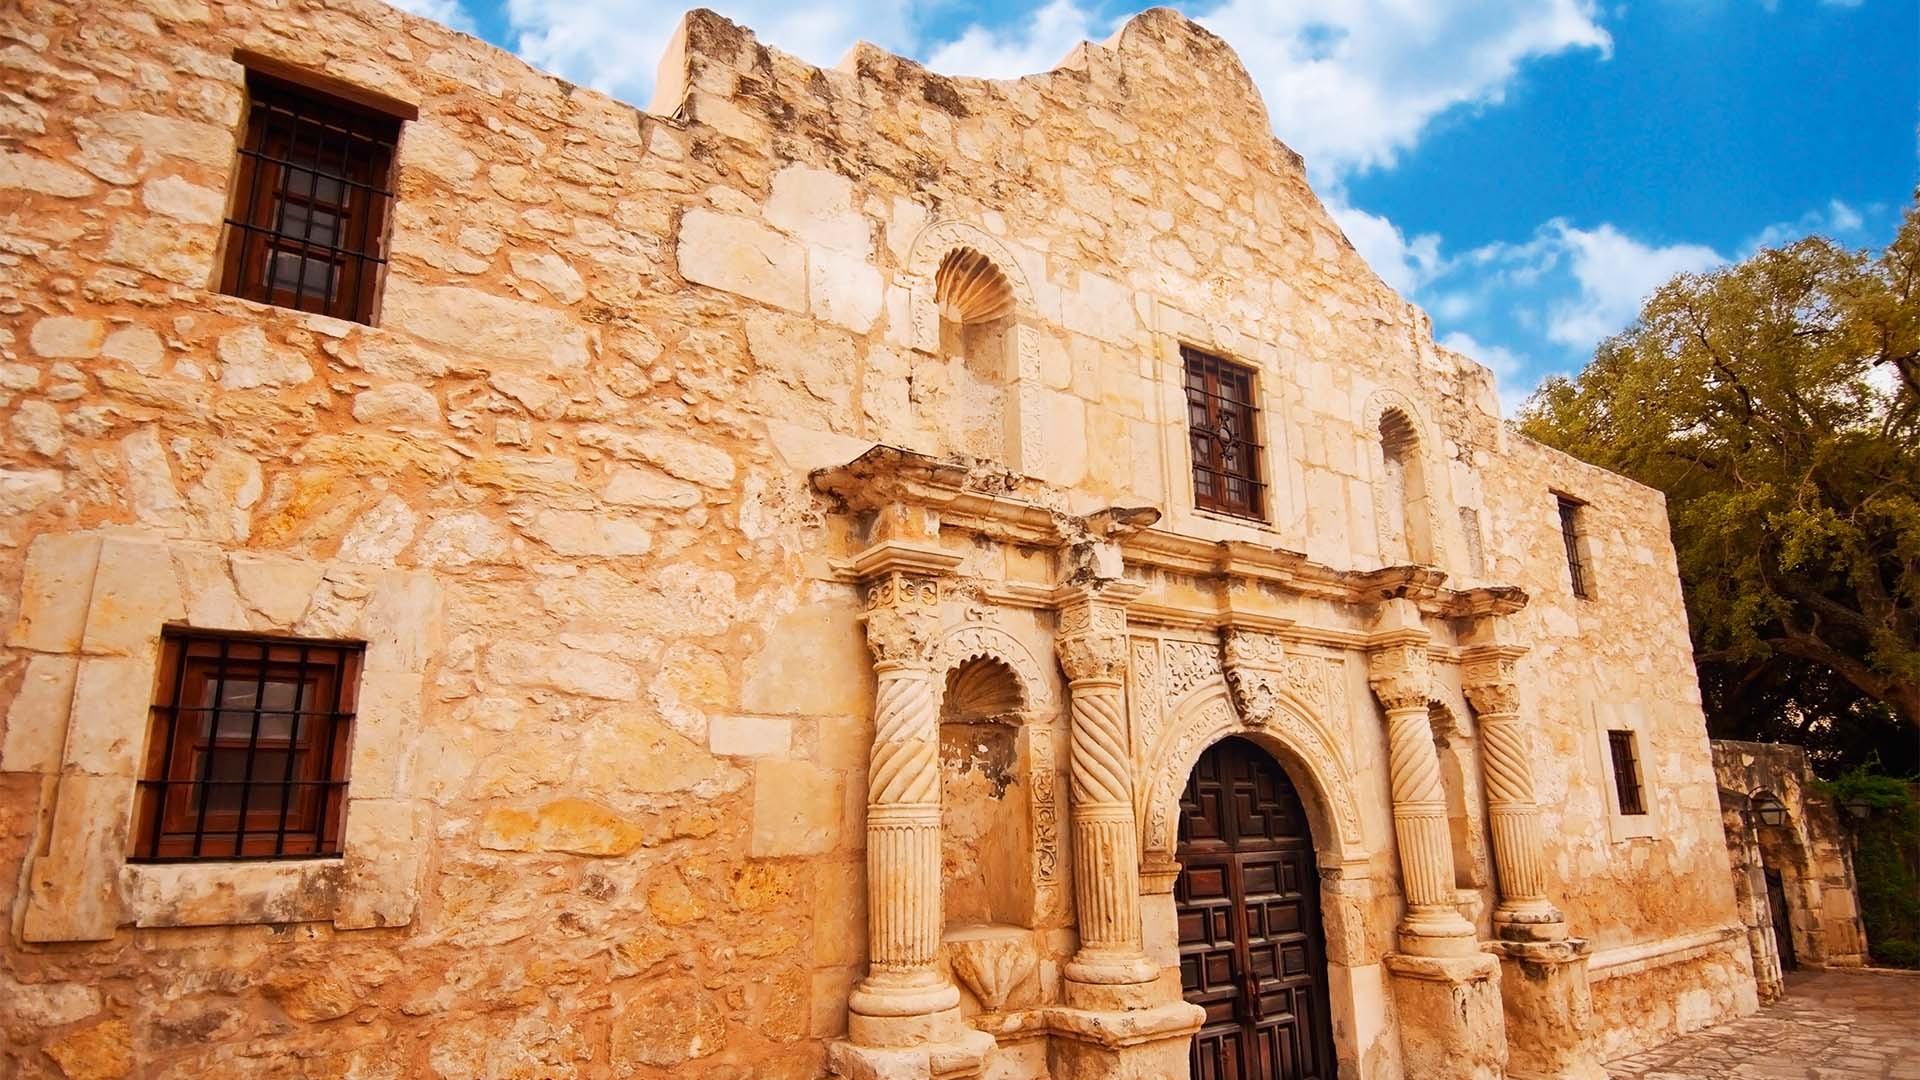 The Alamo, San Antonion, Texas